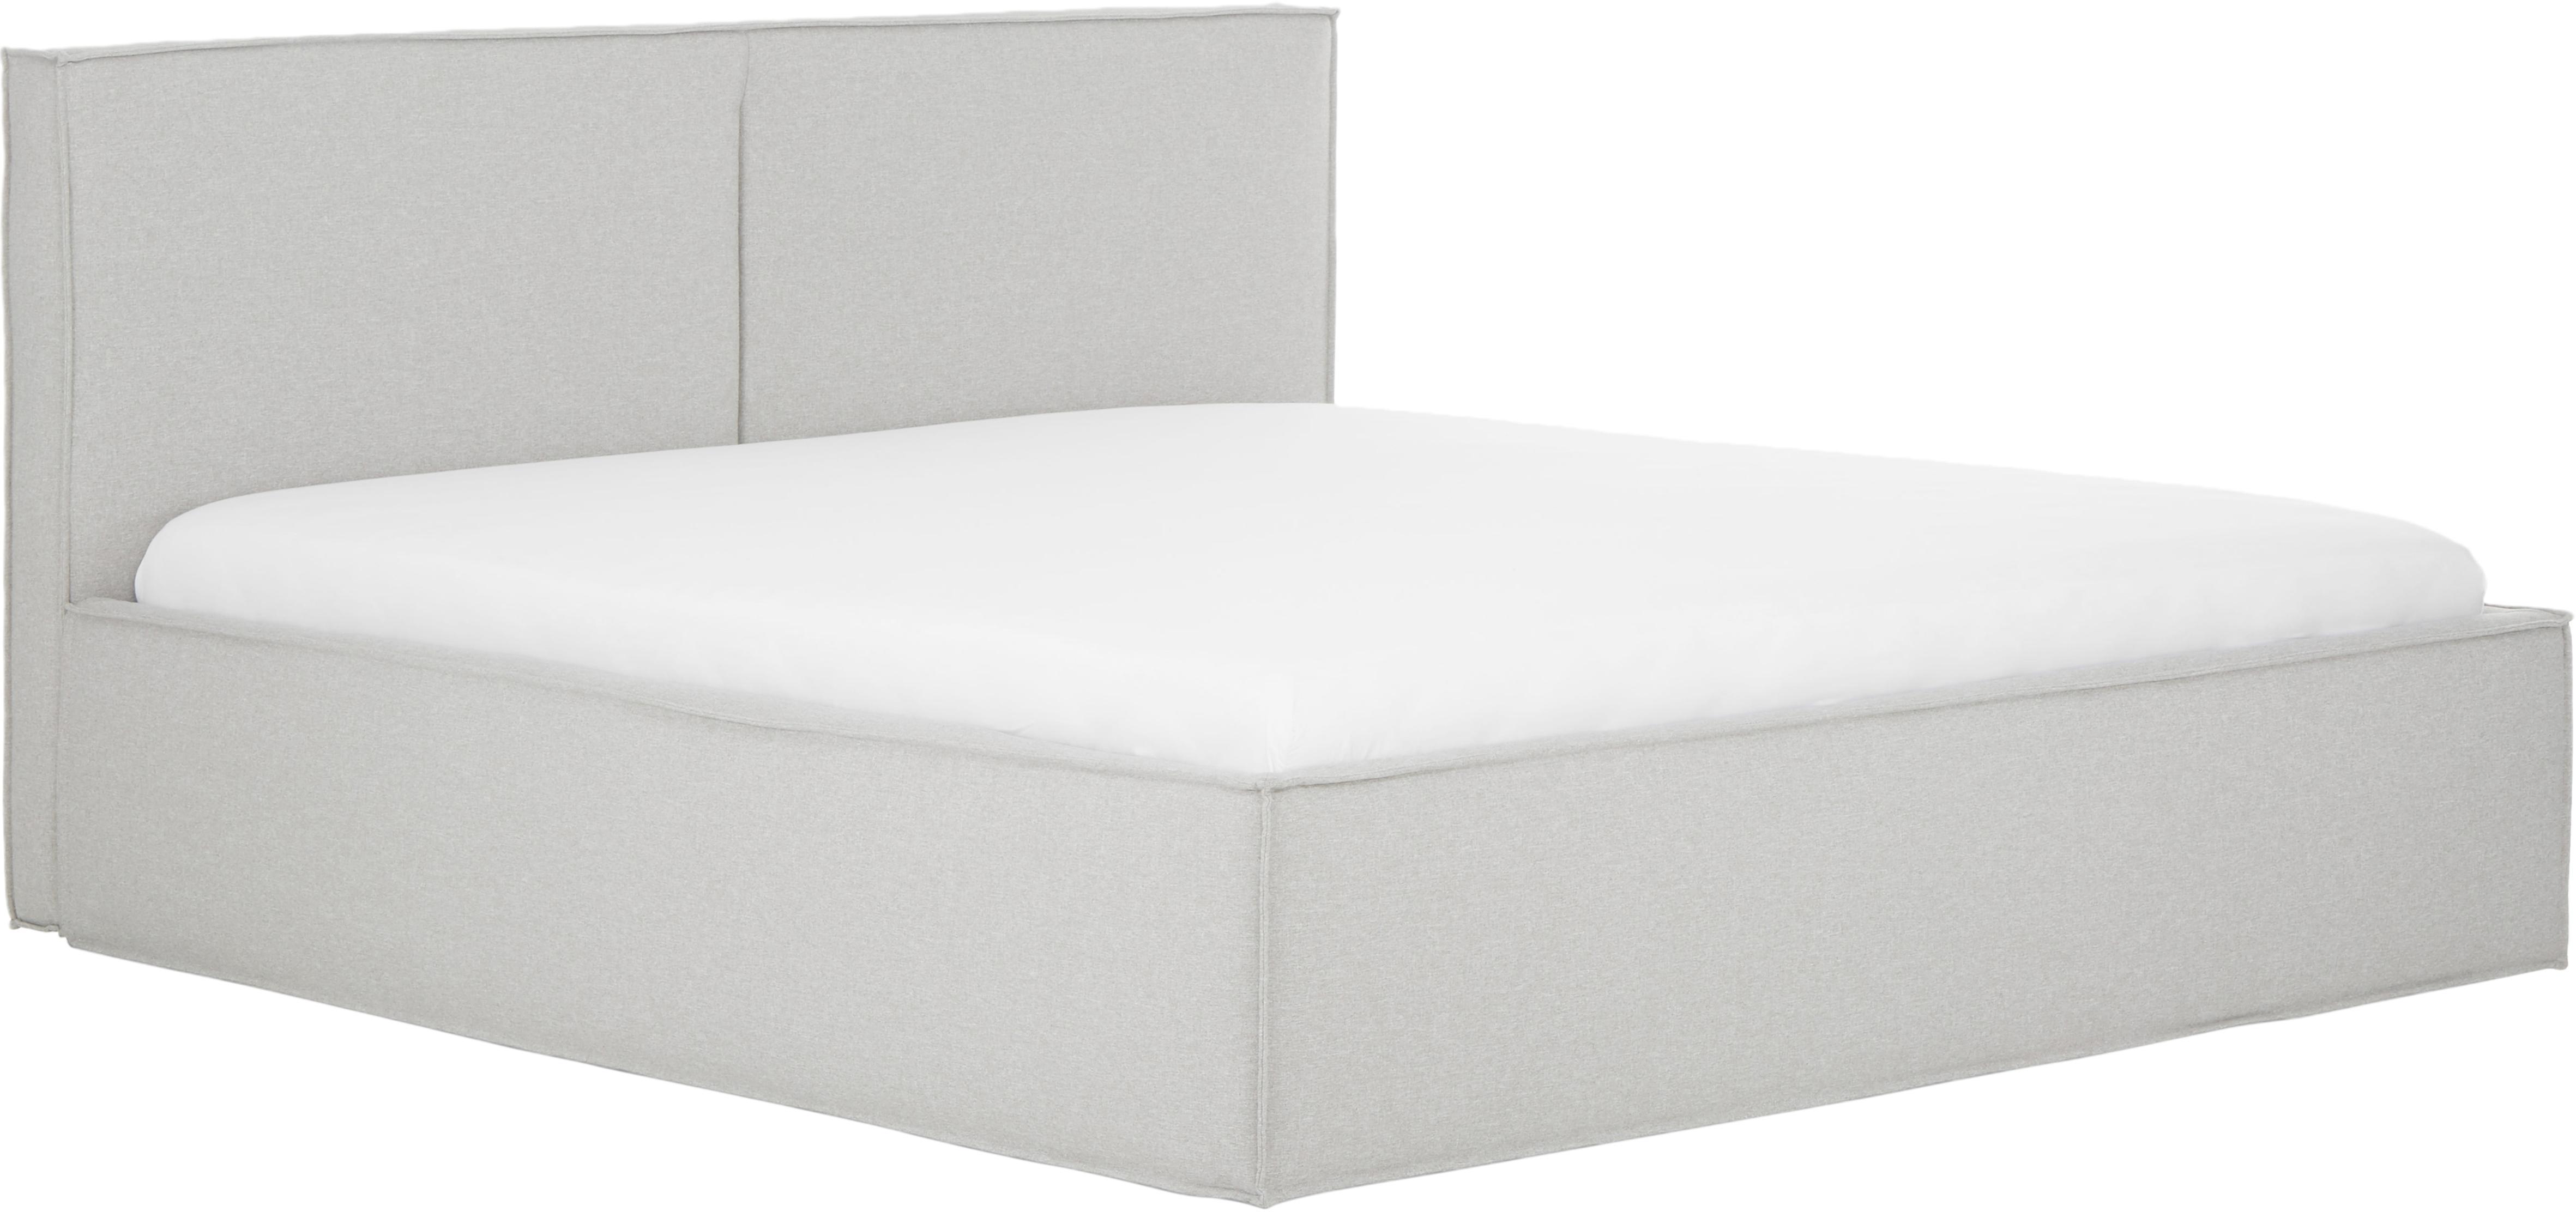 Łóżko tapicerowane Dream, Korpus: lite drewno sosnowe, Tapicerka: poliester (materiał tekst, Jasny szary, 160 x 200 cm